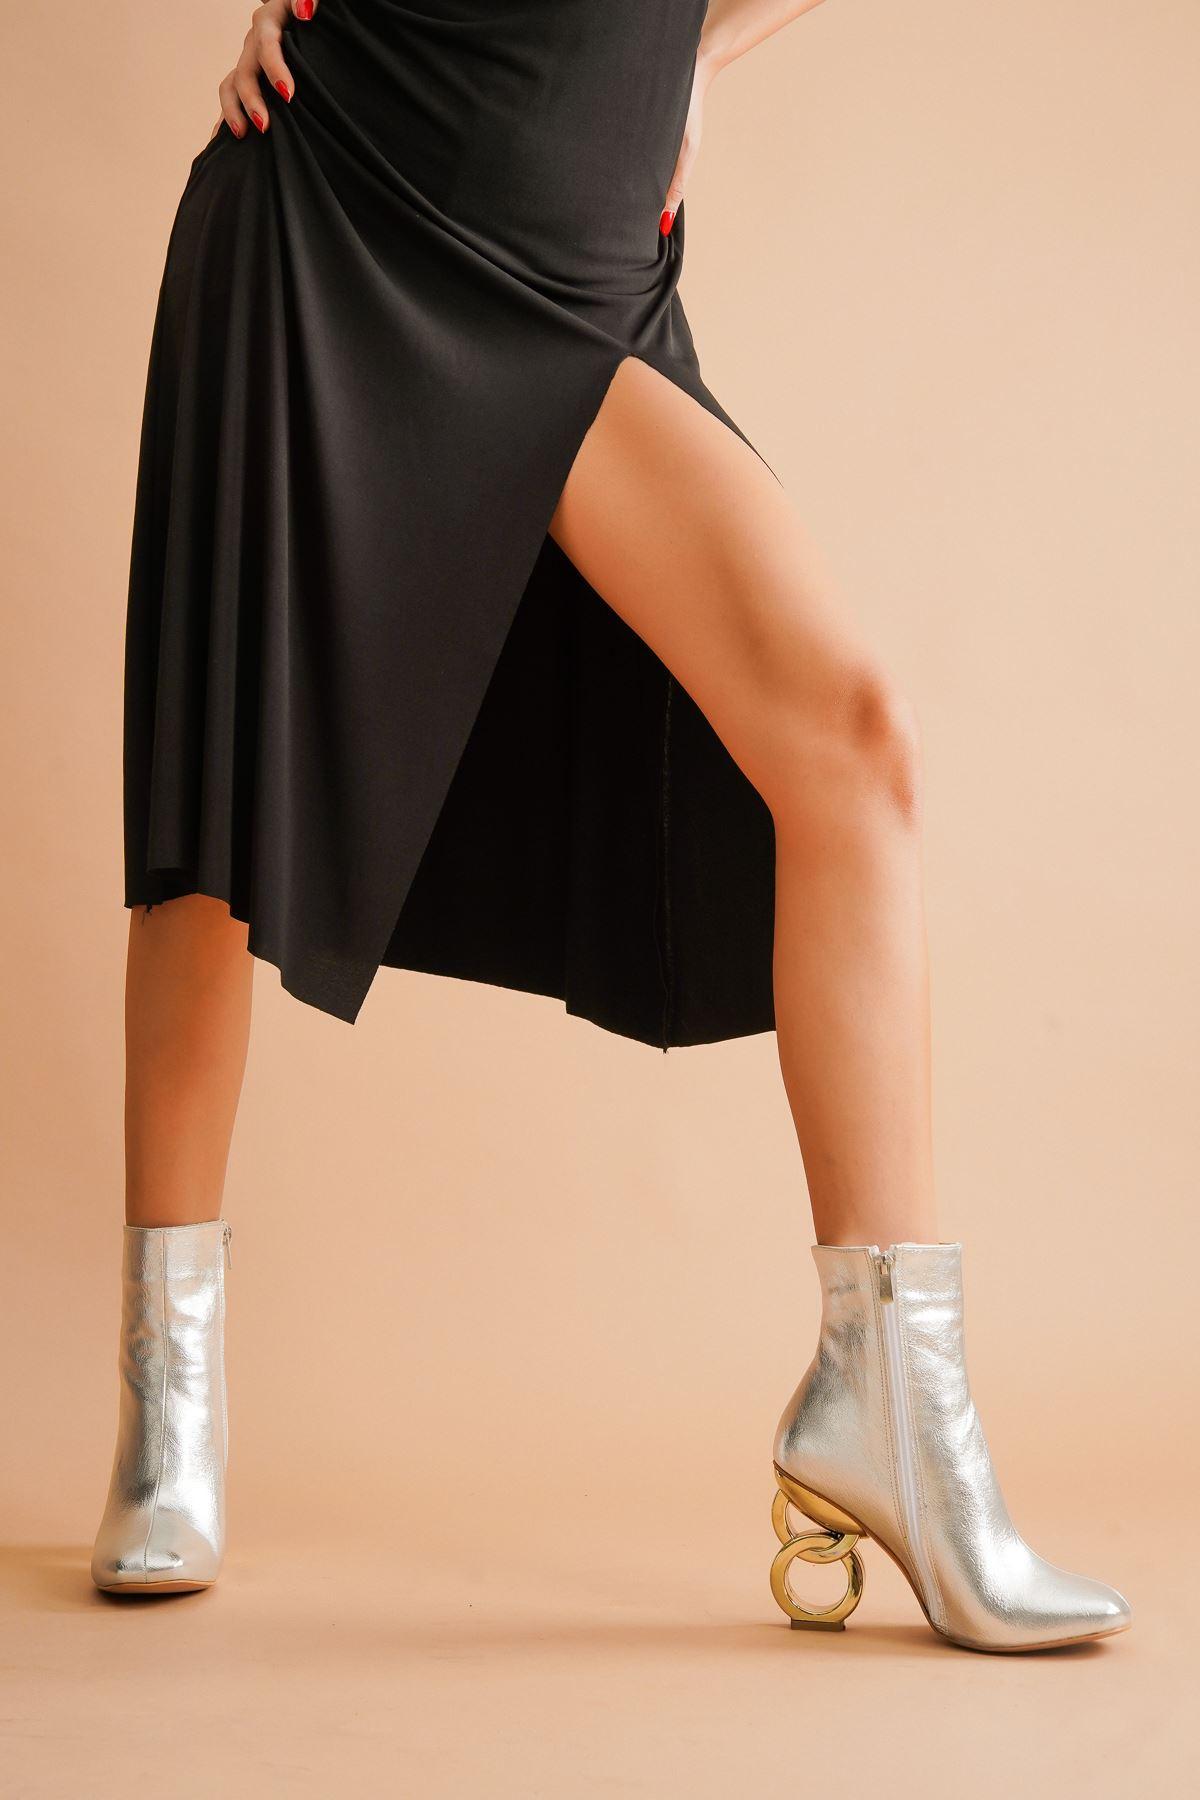 Shema Gümüş Kırışık Halka Topuklu Kadın Bot